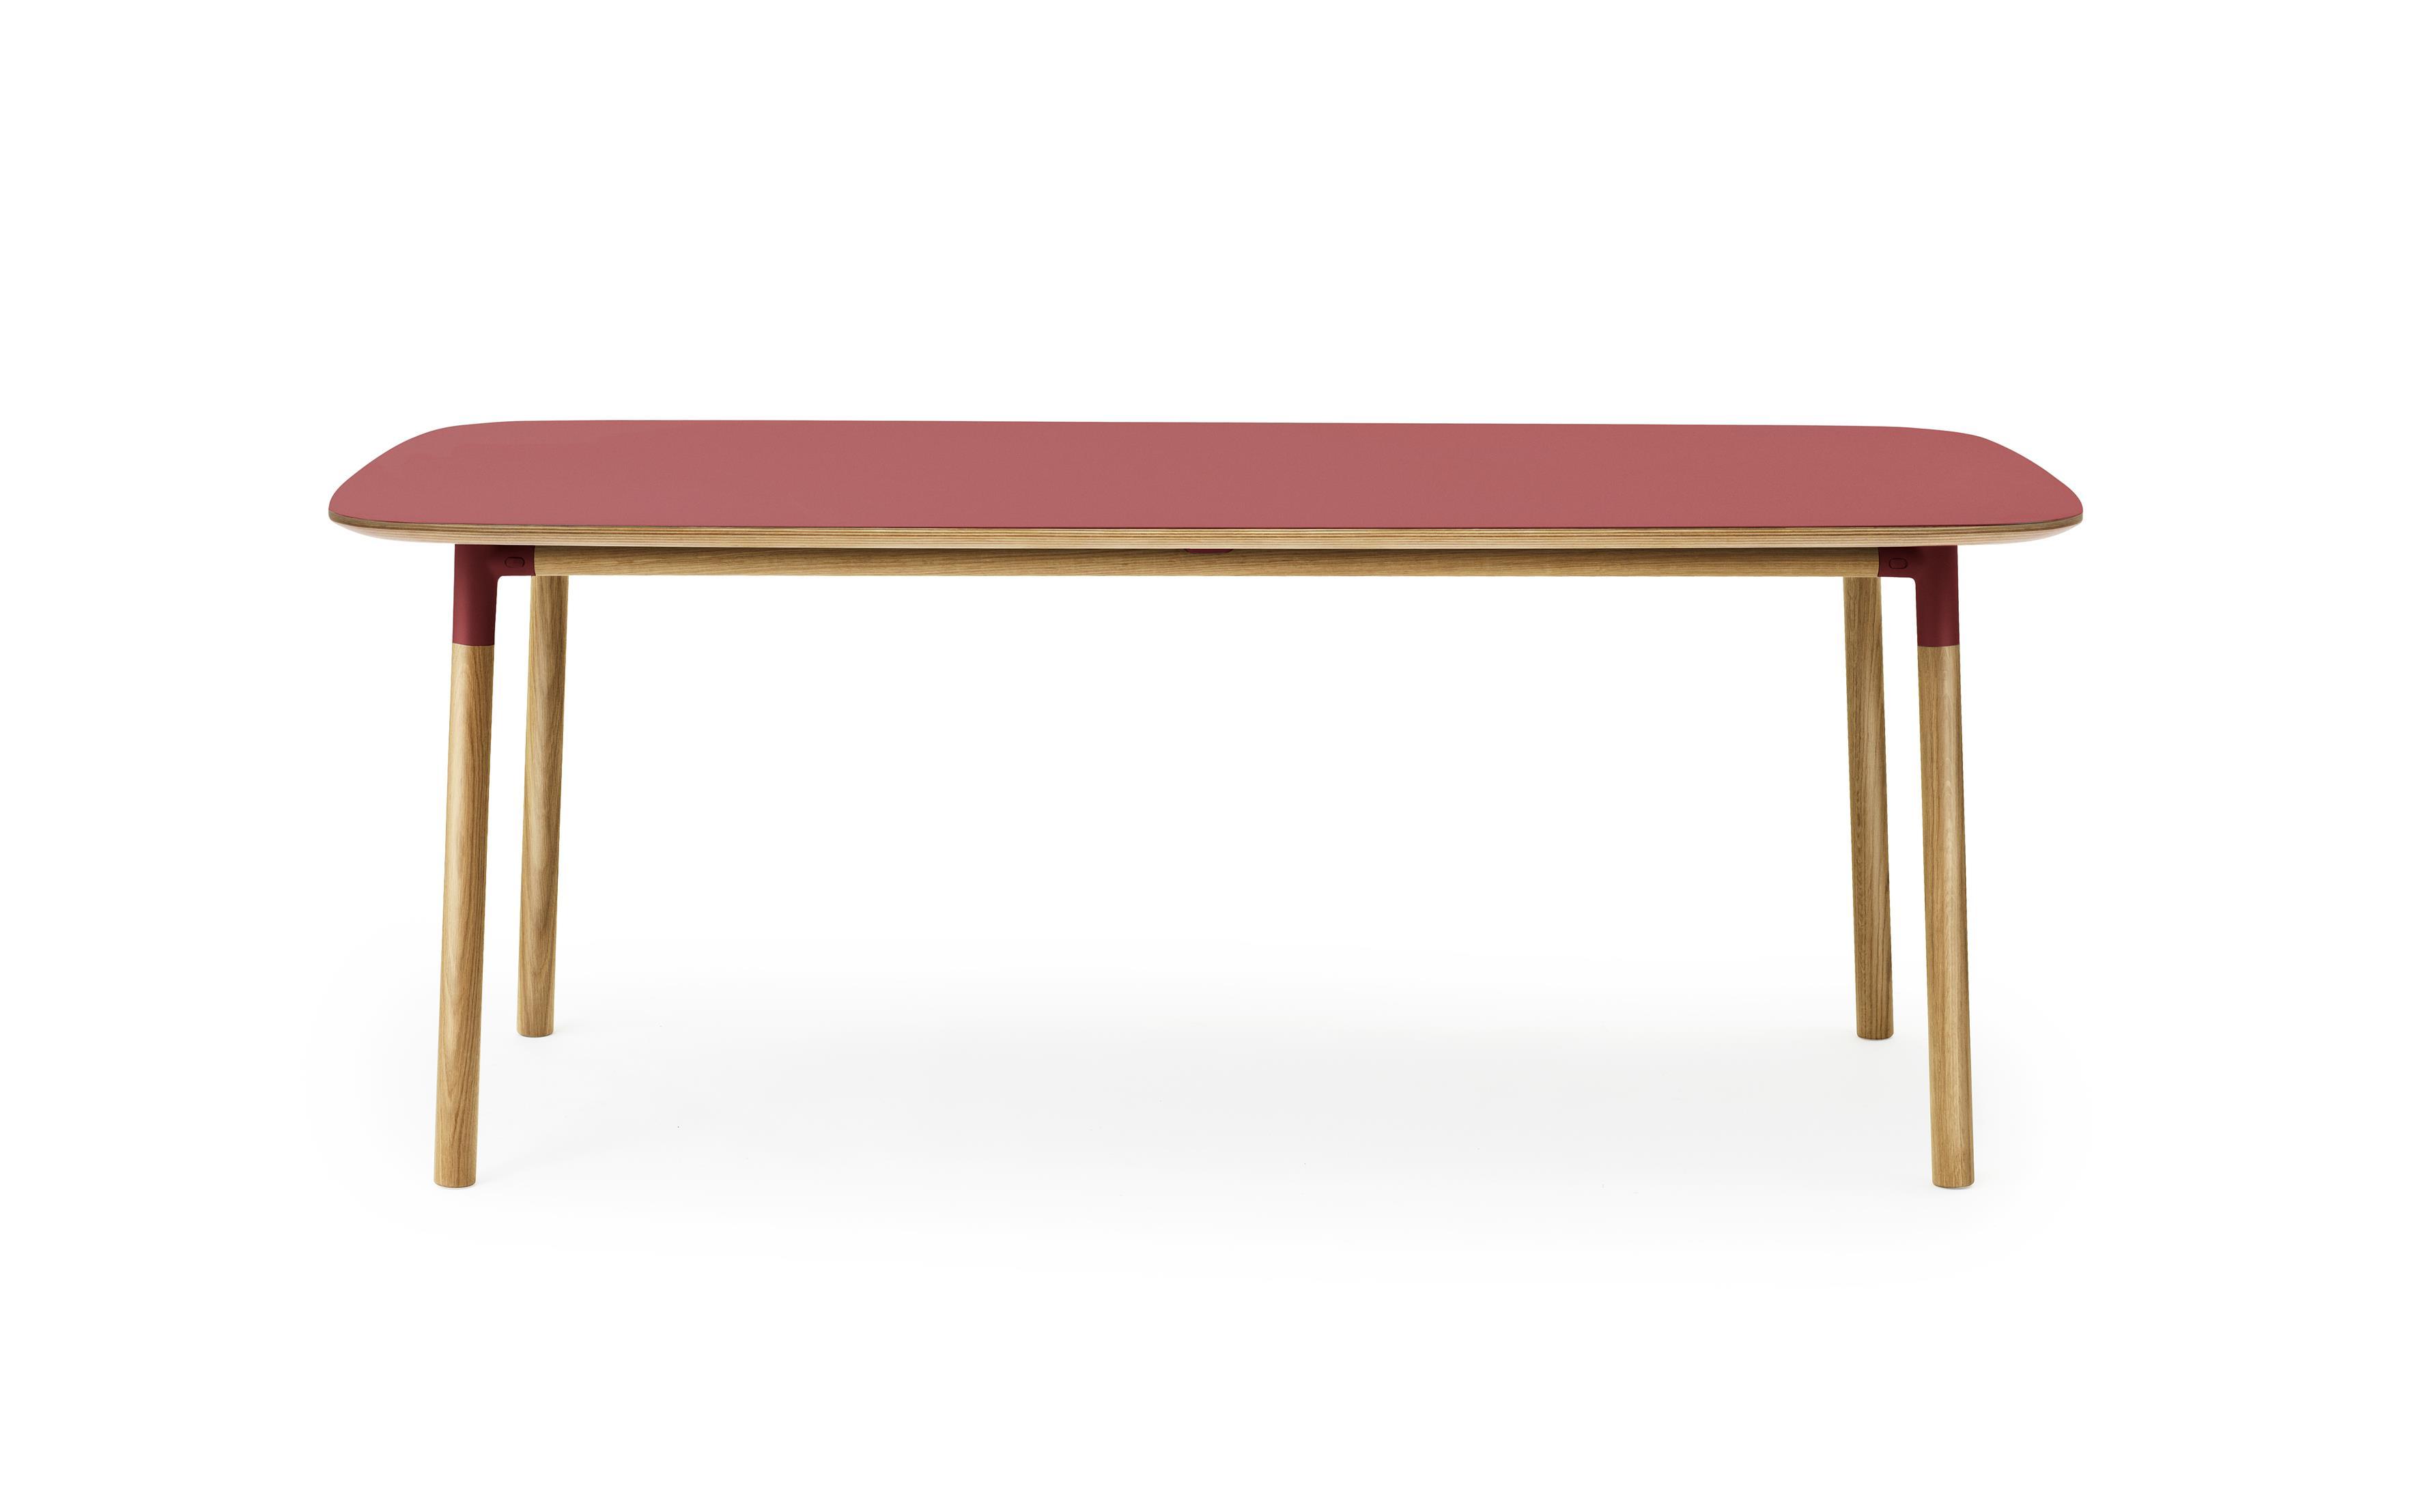 Hervorragend Form Table 95 X 200 Cm1